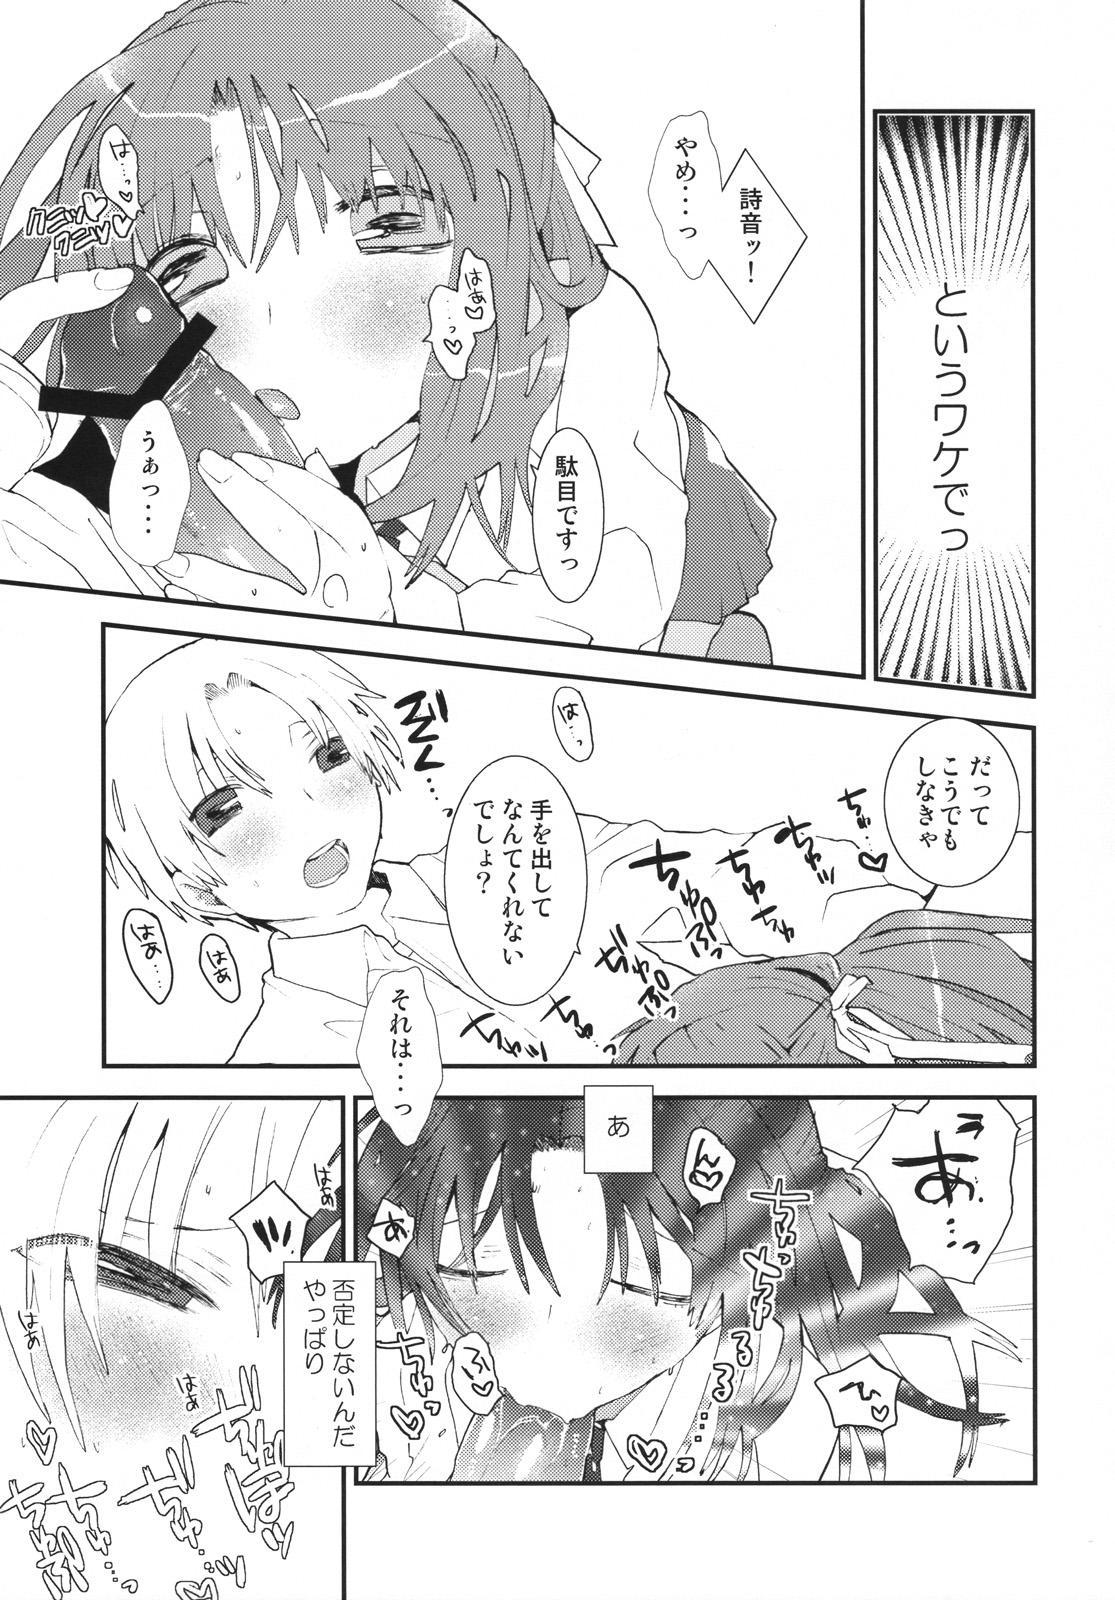 Umineko sono higurashi 17